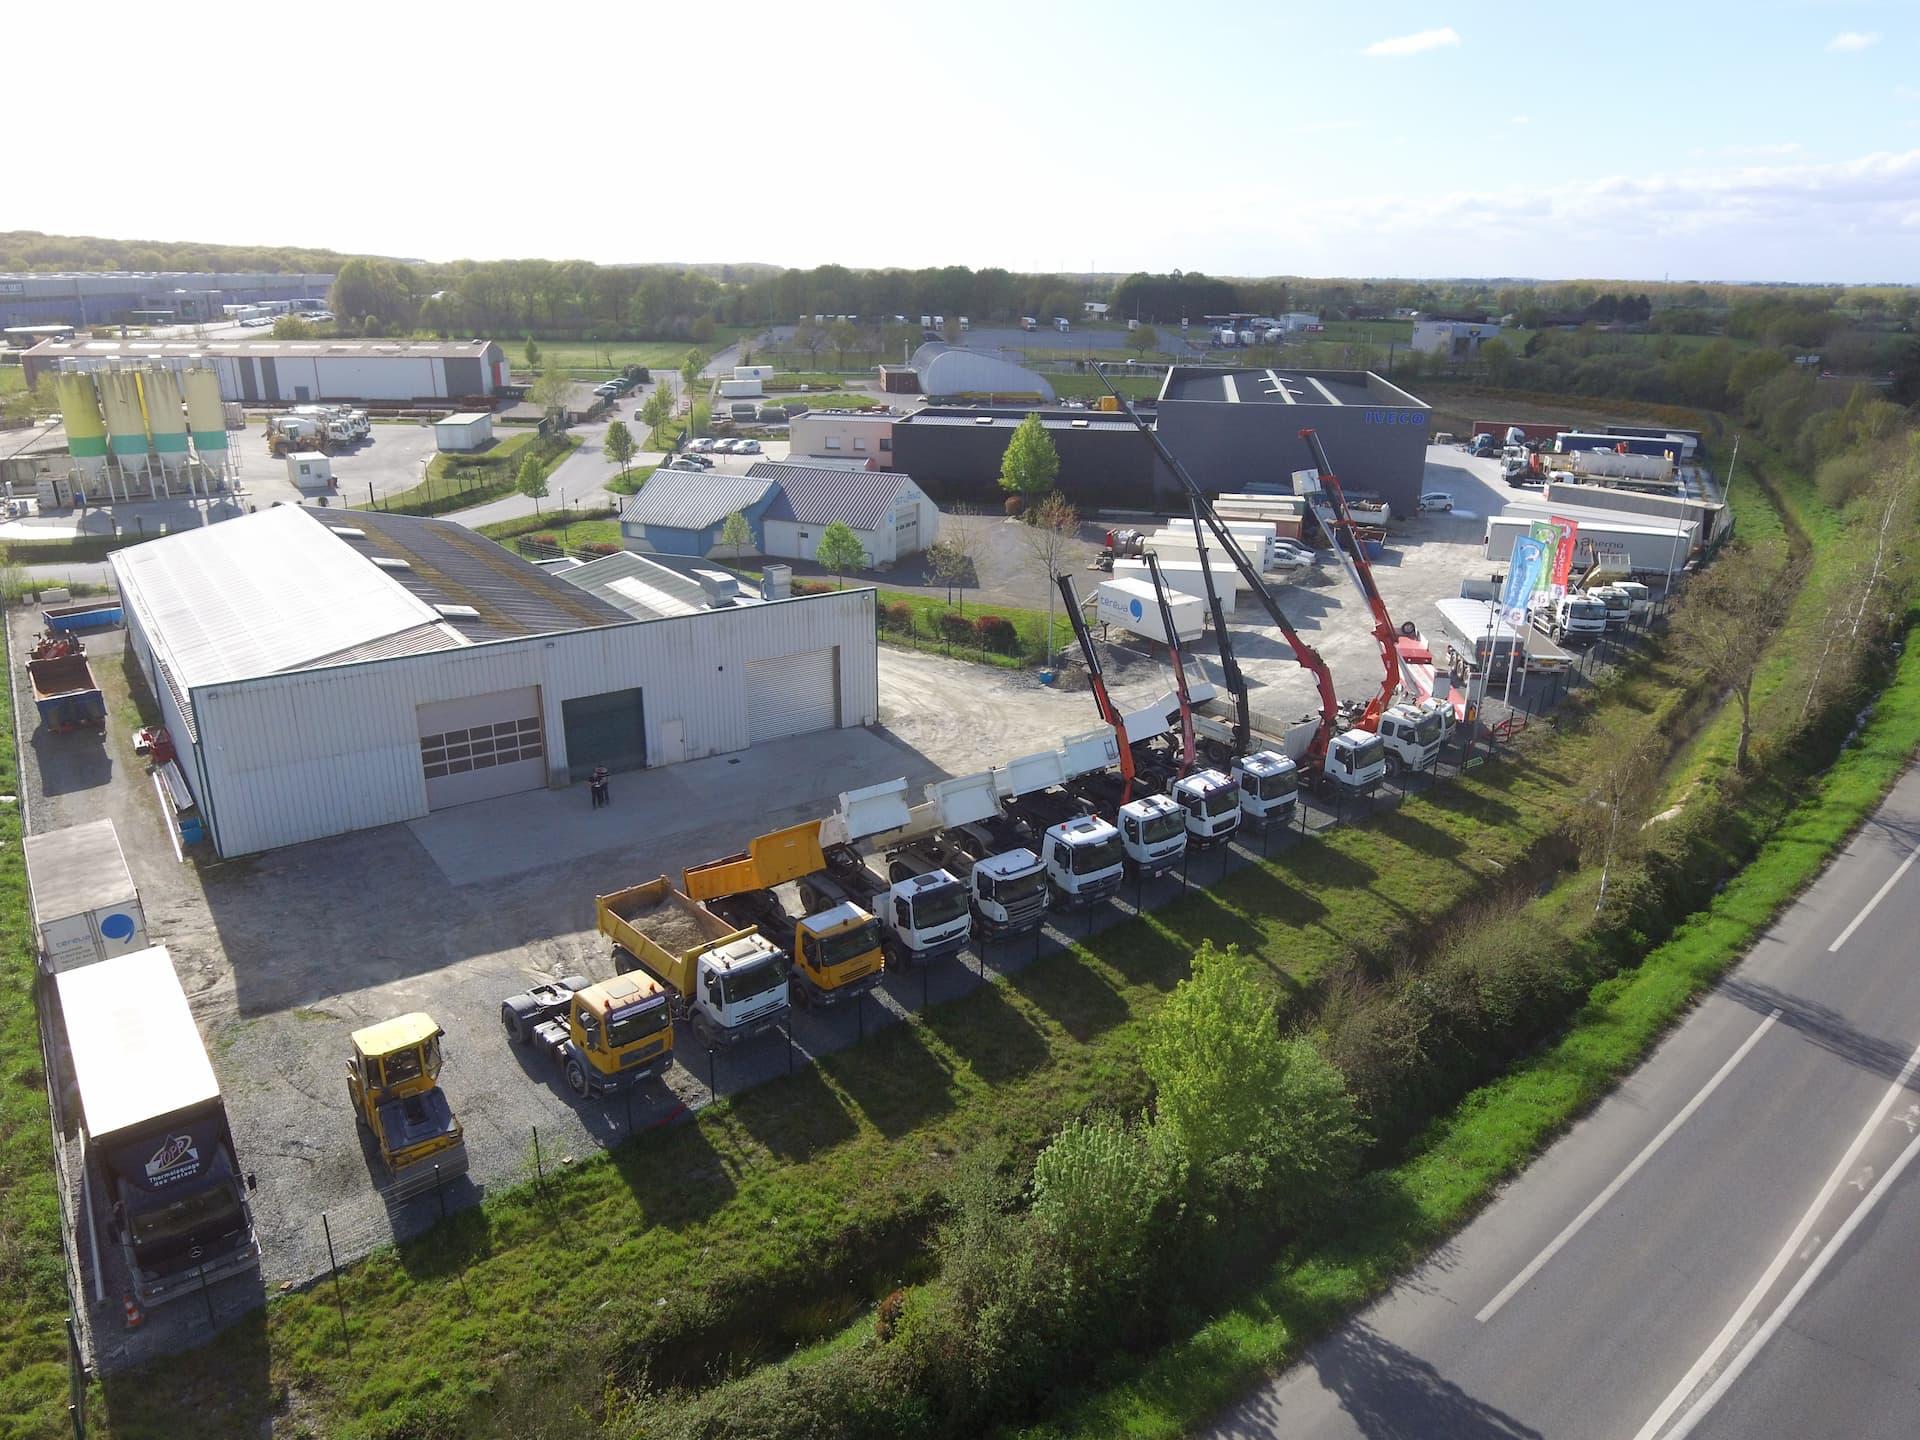 Vue aérienne des locaux extérieur Ahema Trucks